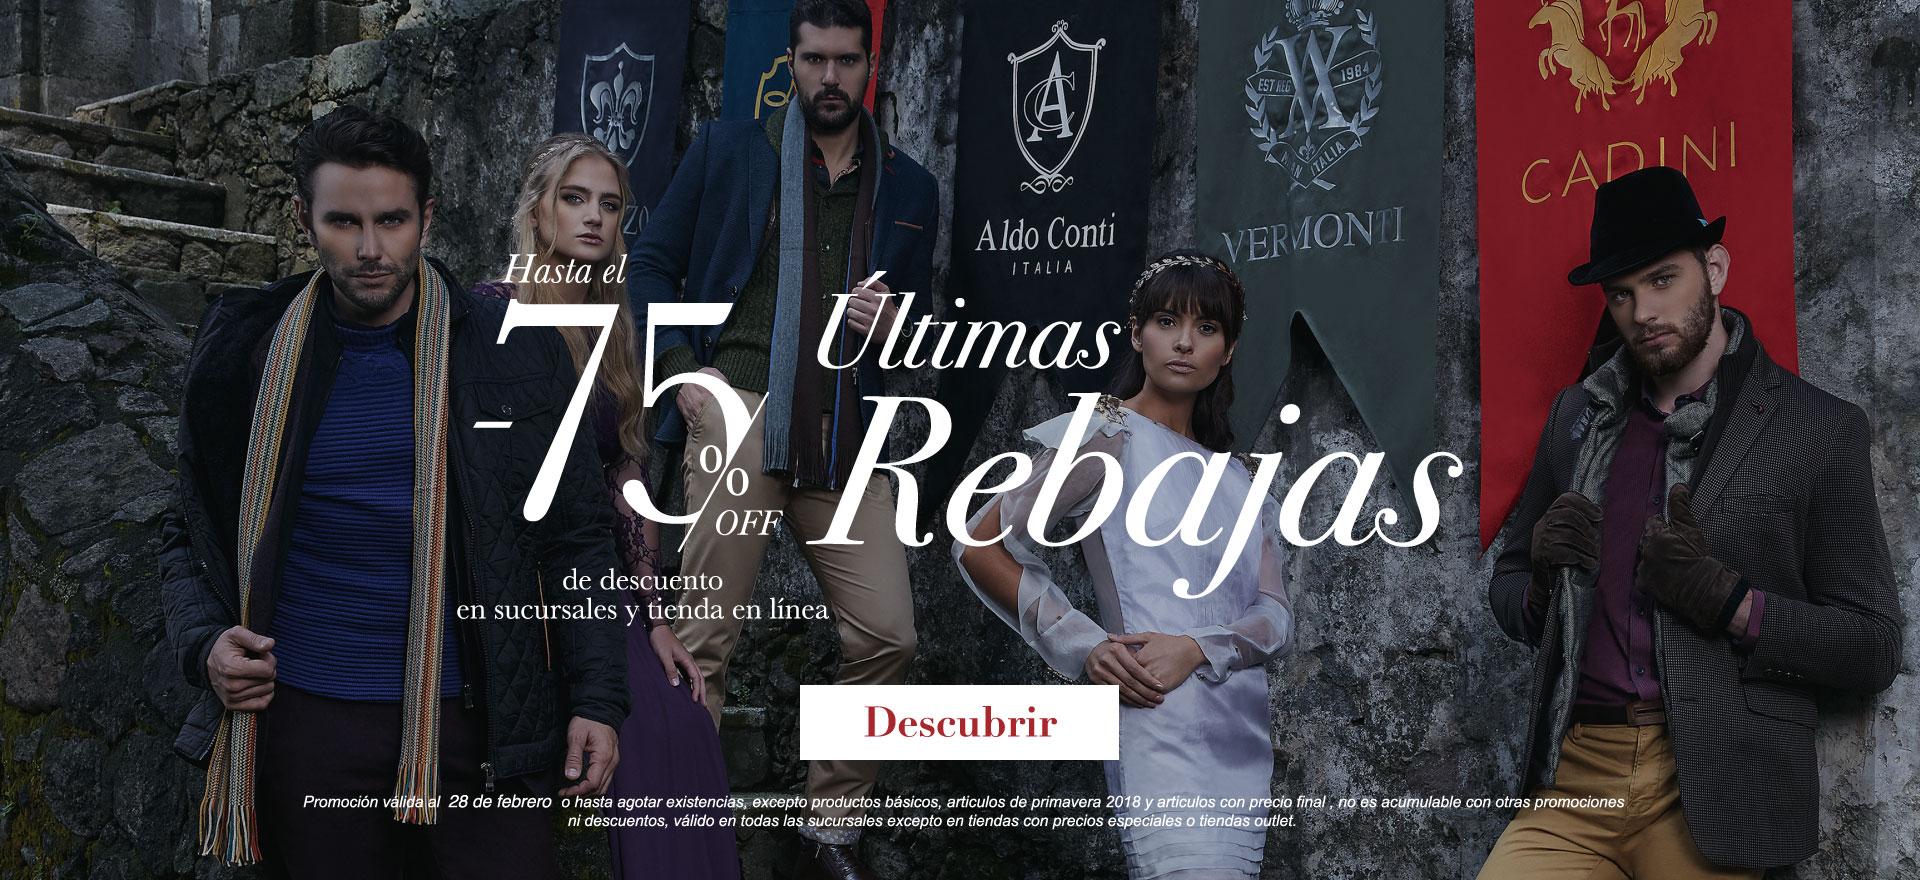 Banner Descuento Rebajas 75